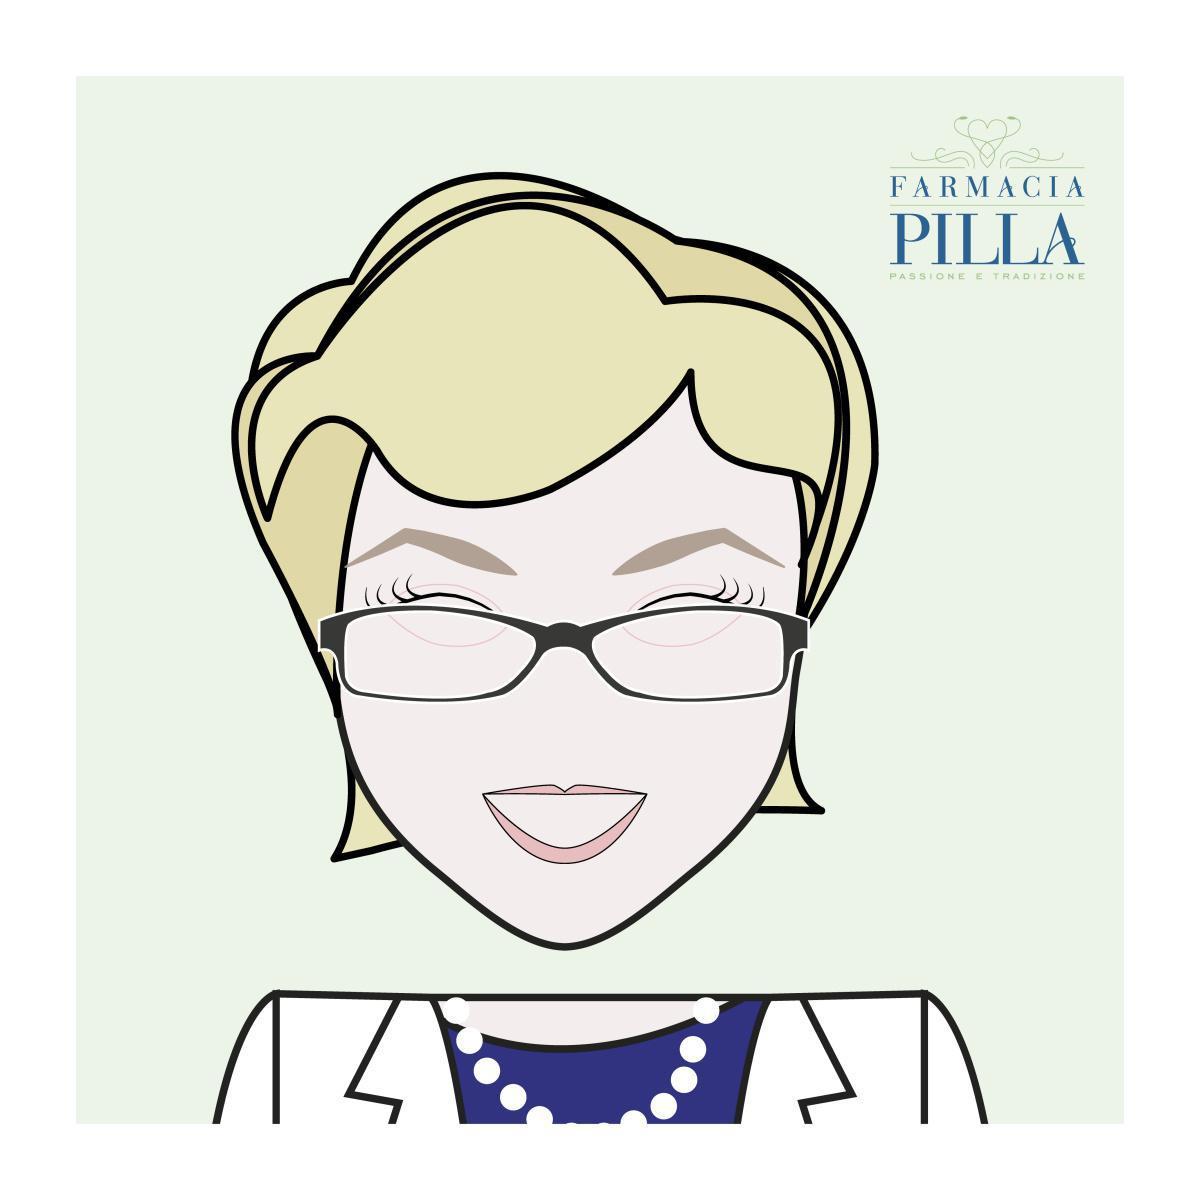 Italia Pilla - Farmacista Titolare